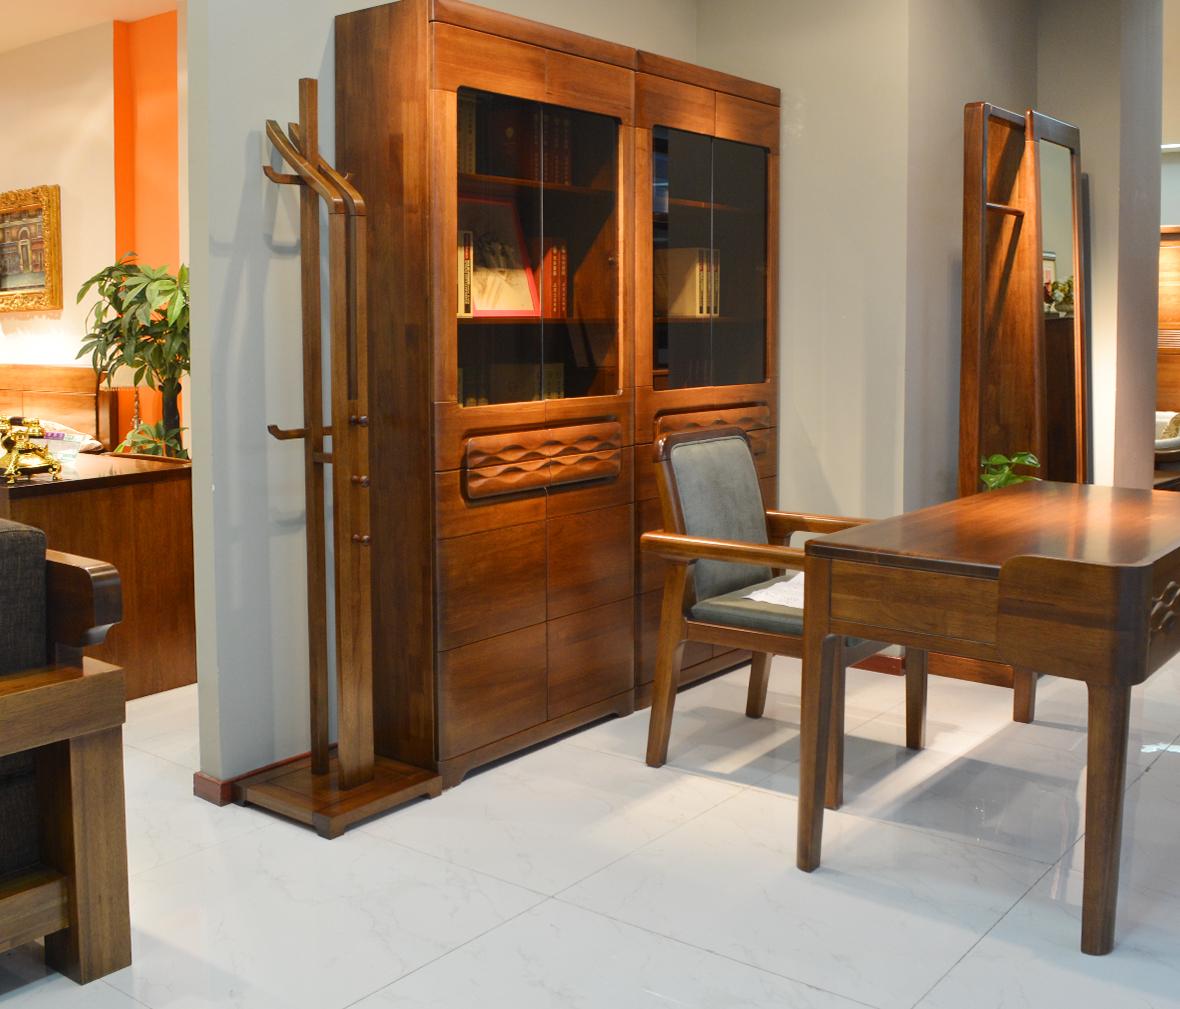 摩纳戈家具 y1601-1型号衣架 胡桃楸木材质 德式简约风格 实木家具